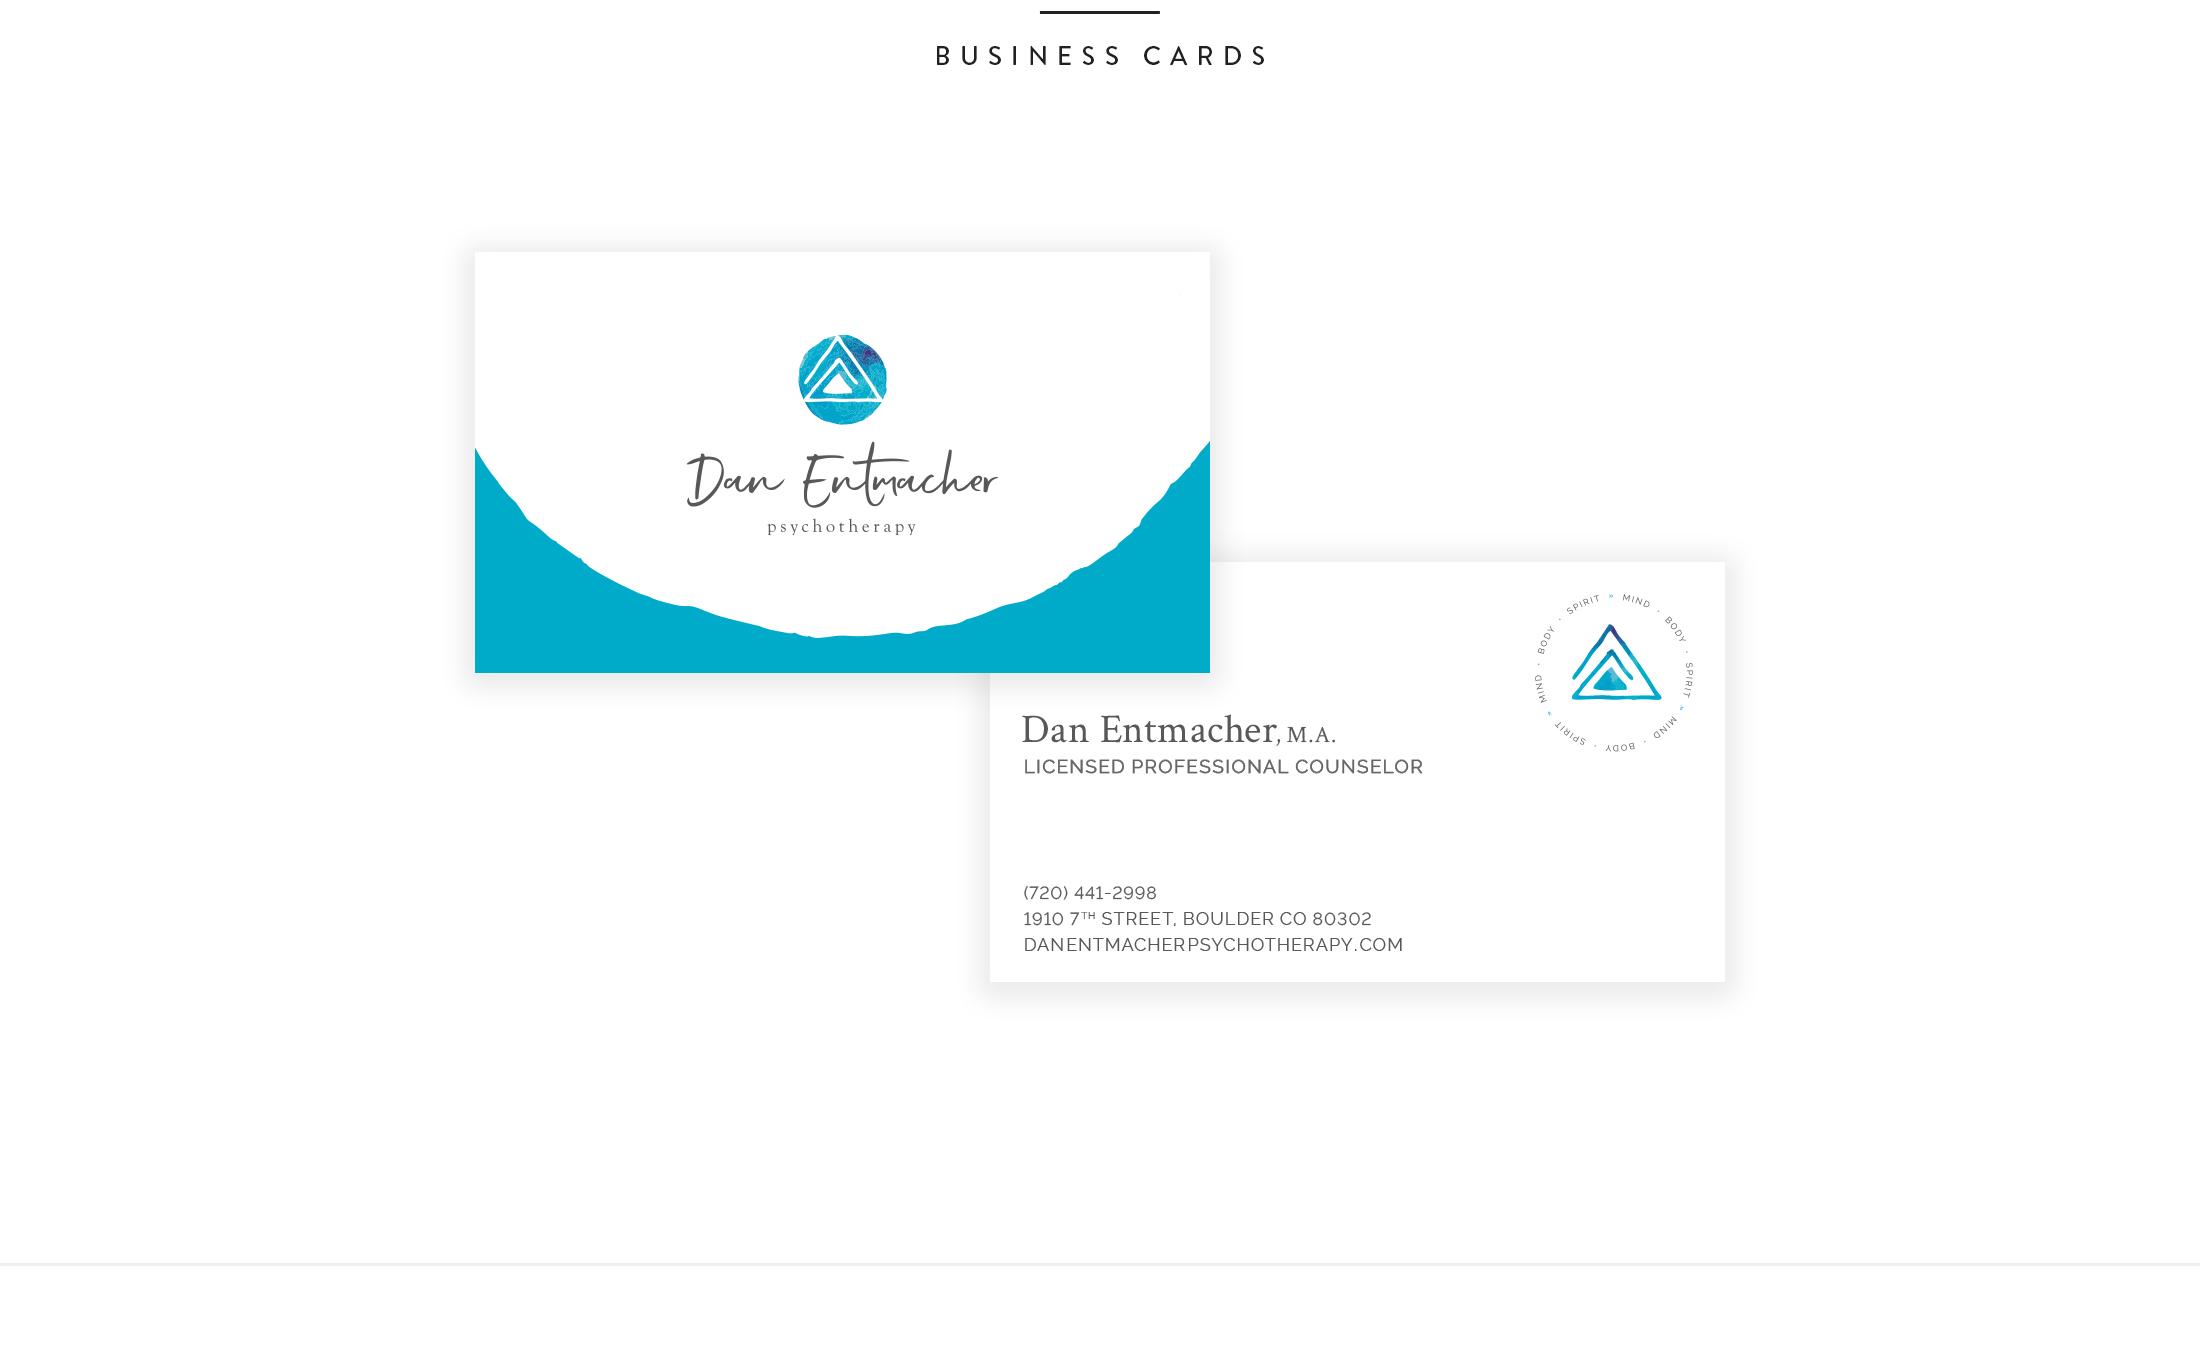 mind-body-spirit-businesscards.jpg